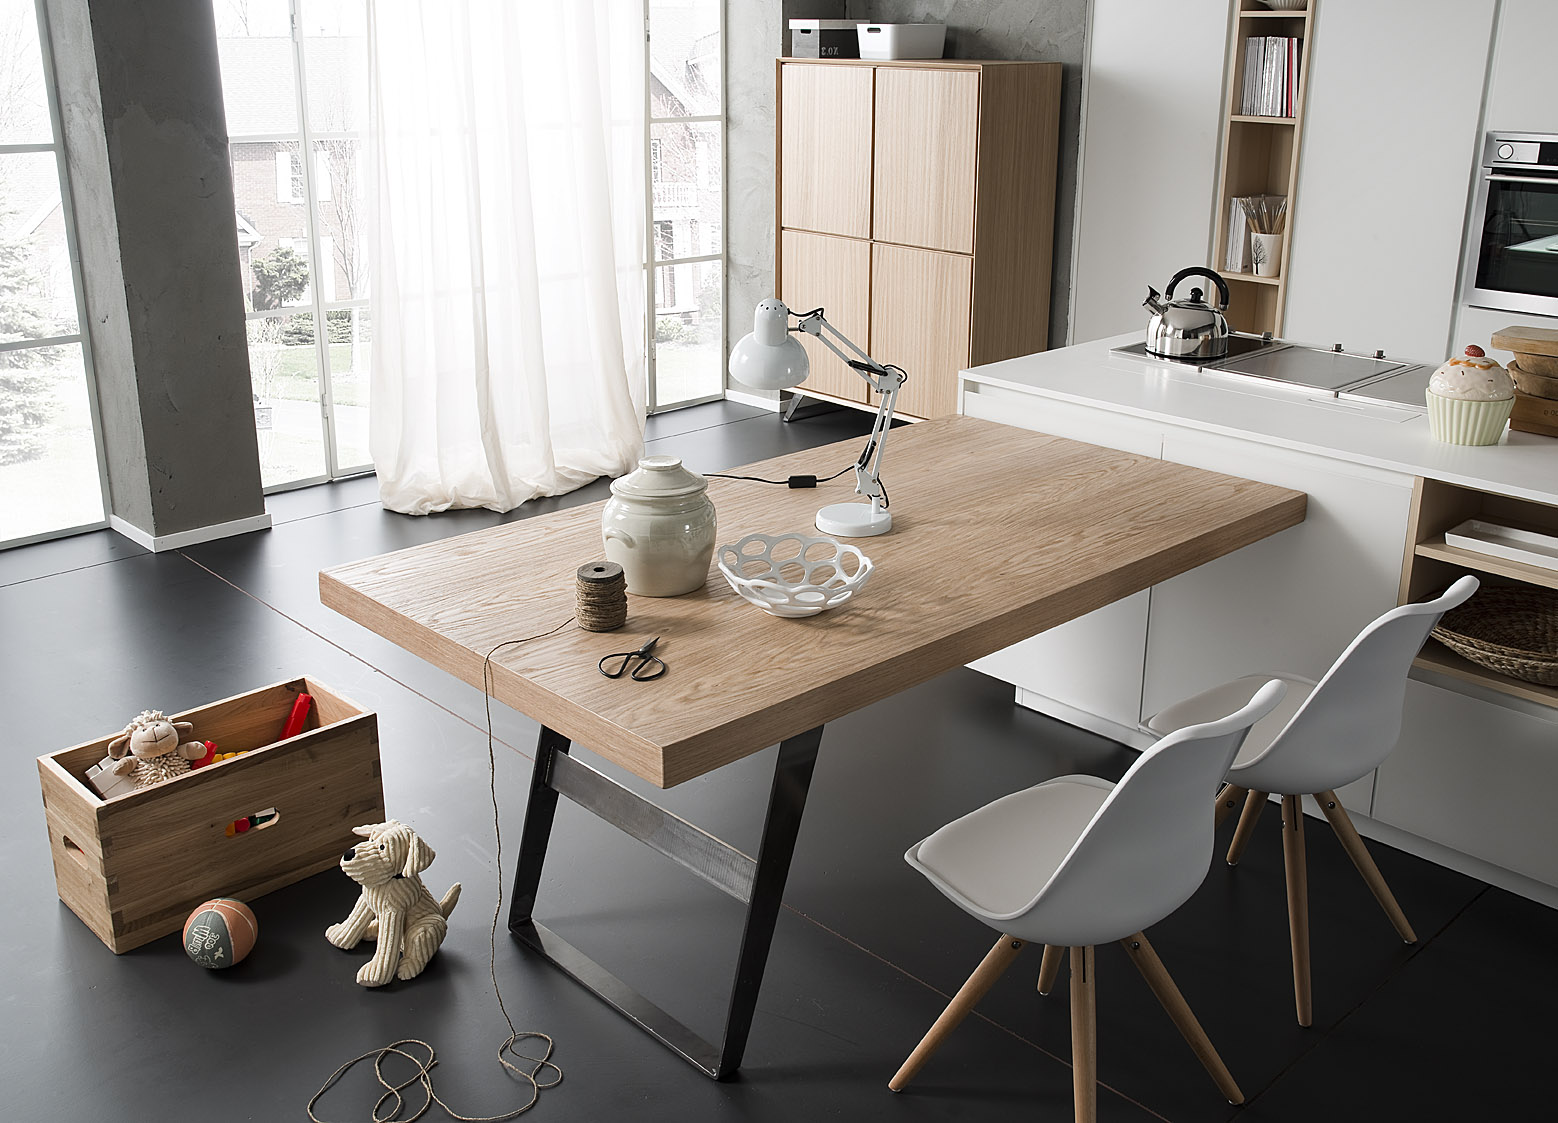 Tavolo legno e ferro mobili toson arredamenti su misura for Tavolo legno e ferro